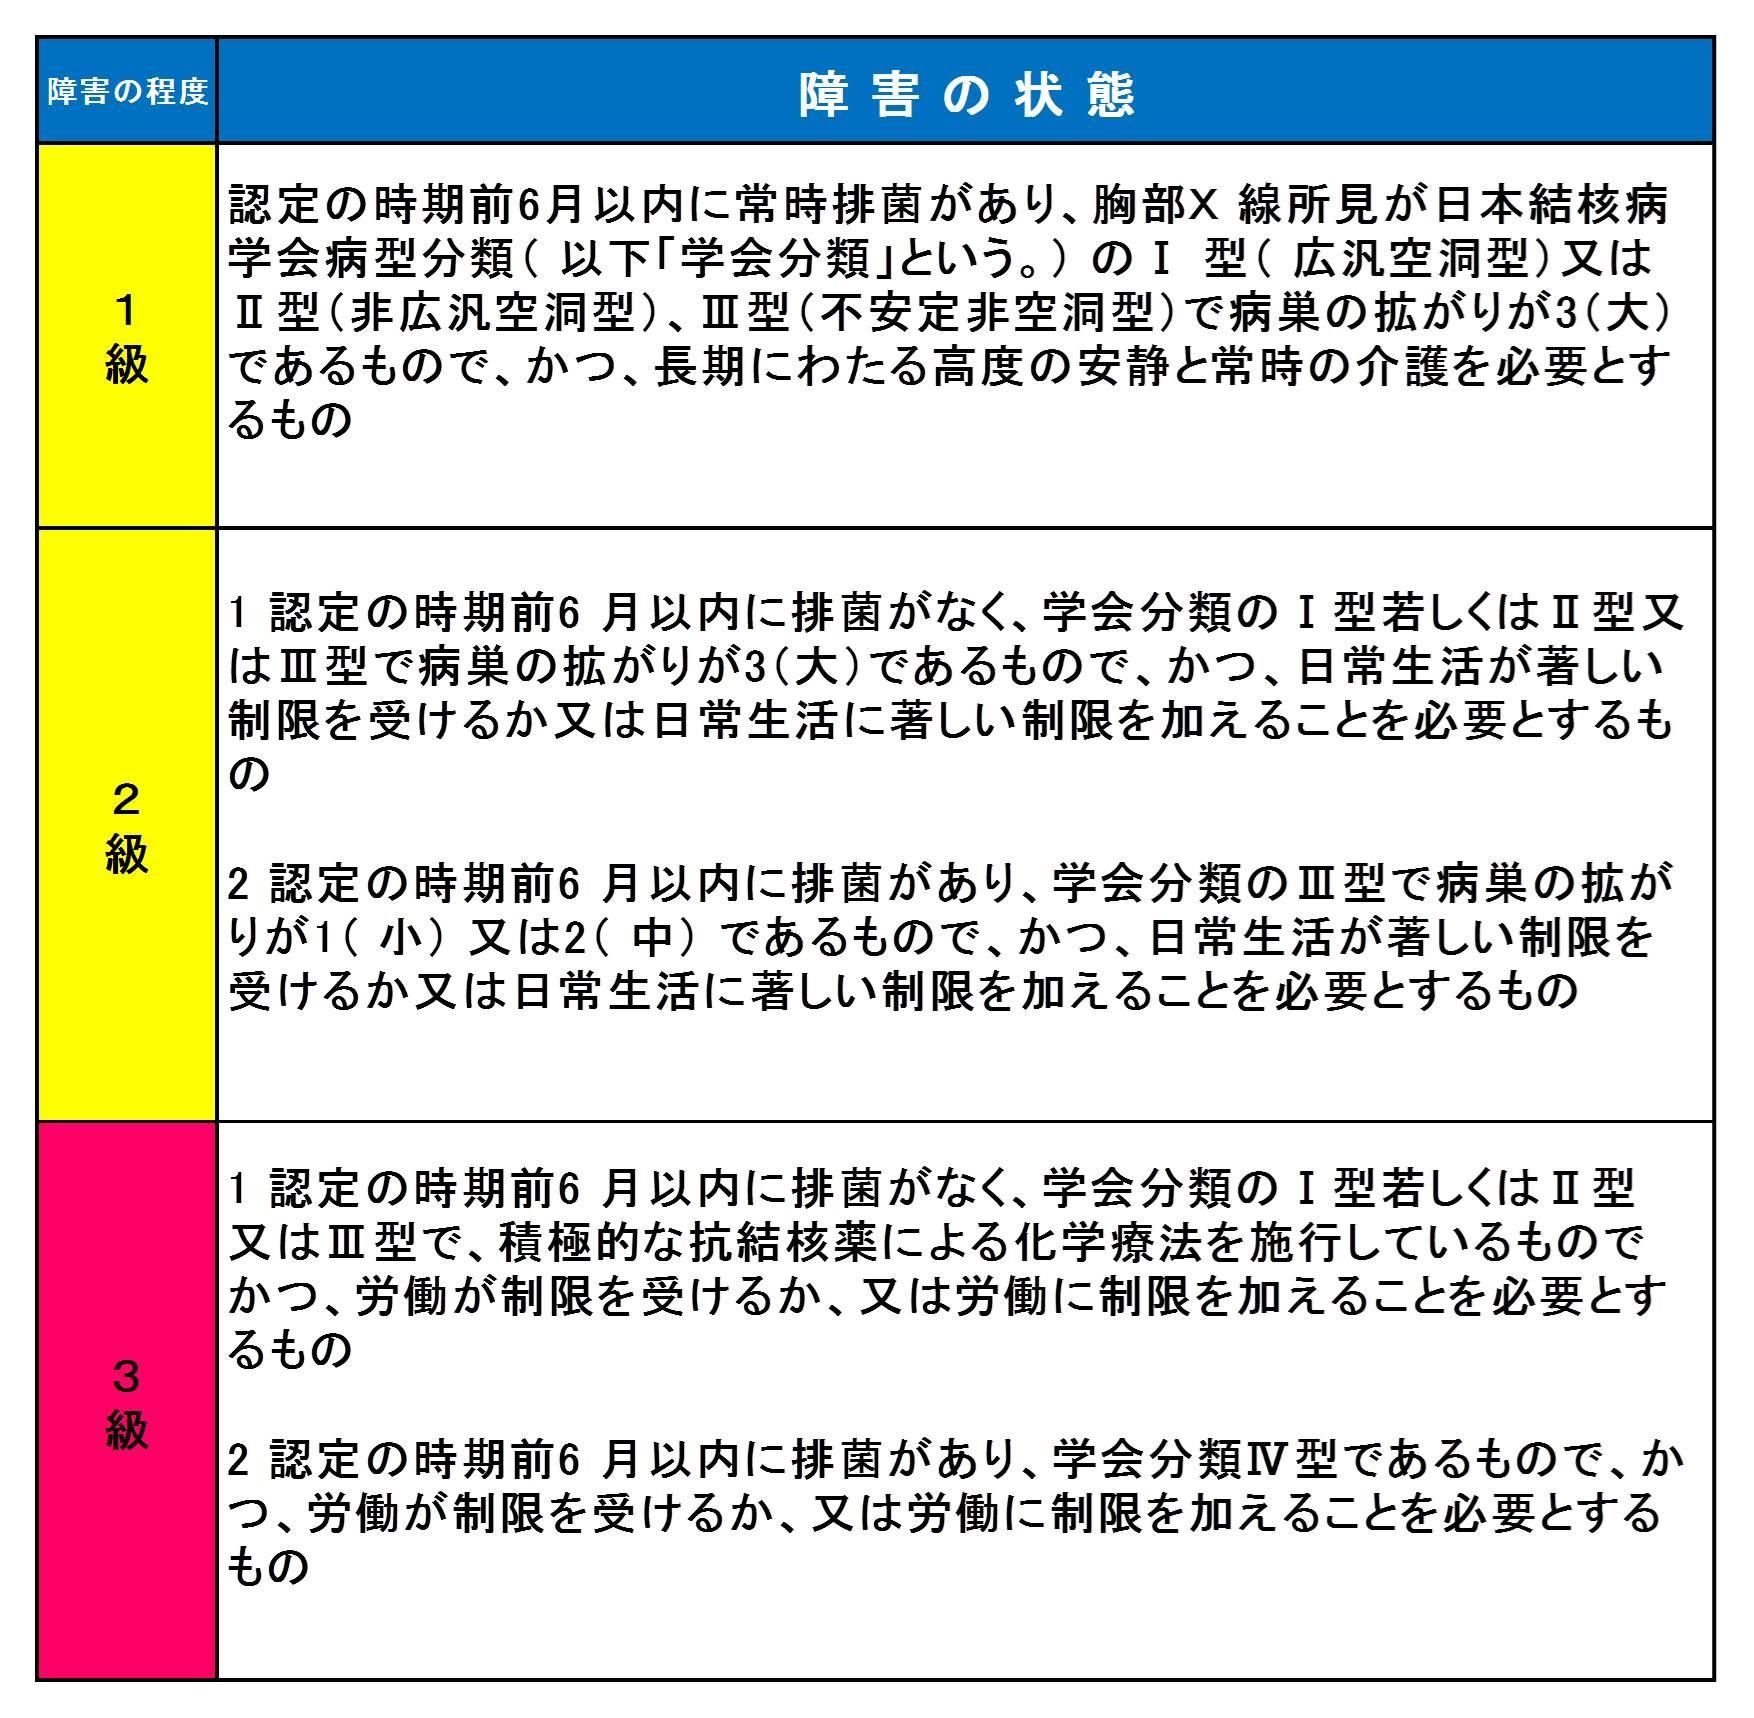 機能 障害 呼吸 【換気障害】3つの分類(閉塞性、拘束性、混合性)